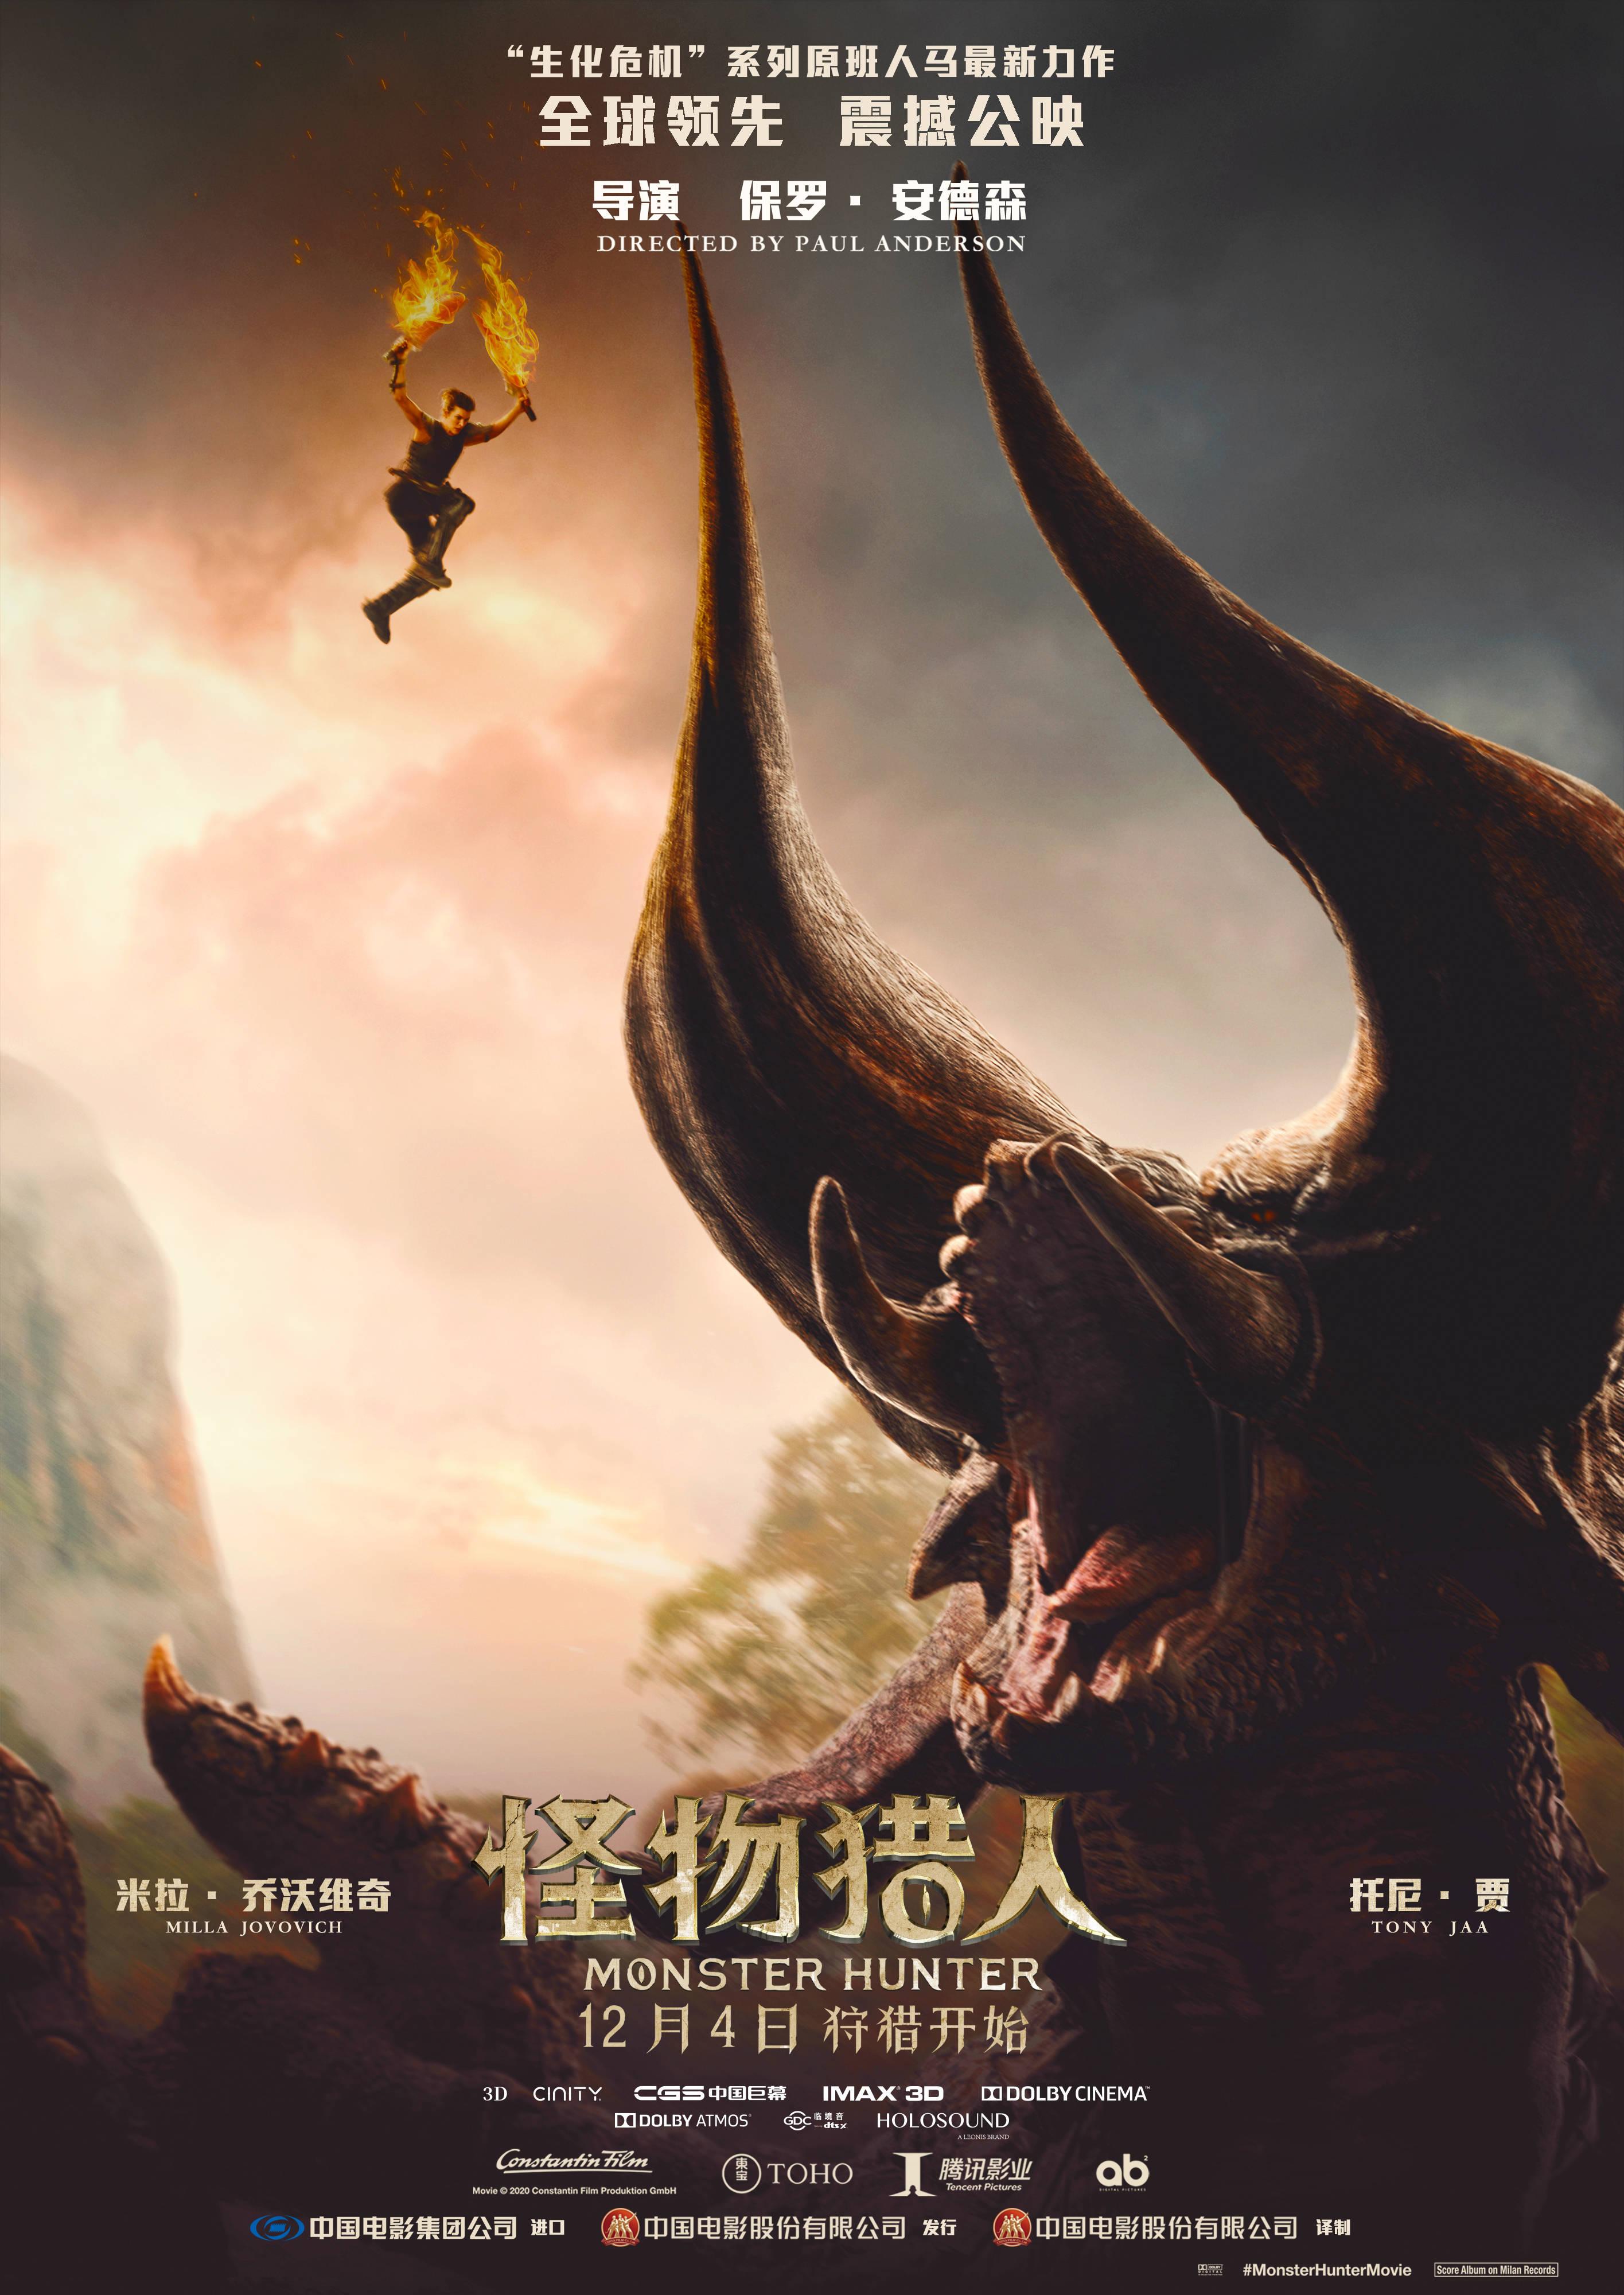 《怪物猎人》12月4日国内领先全球上映 惊艳视效开启异世狩猎